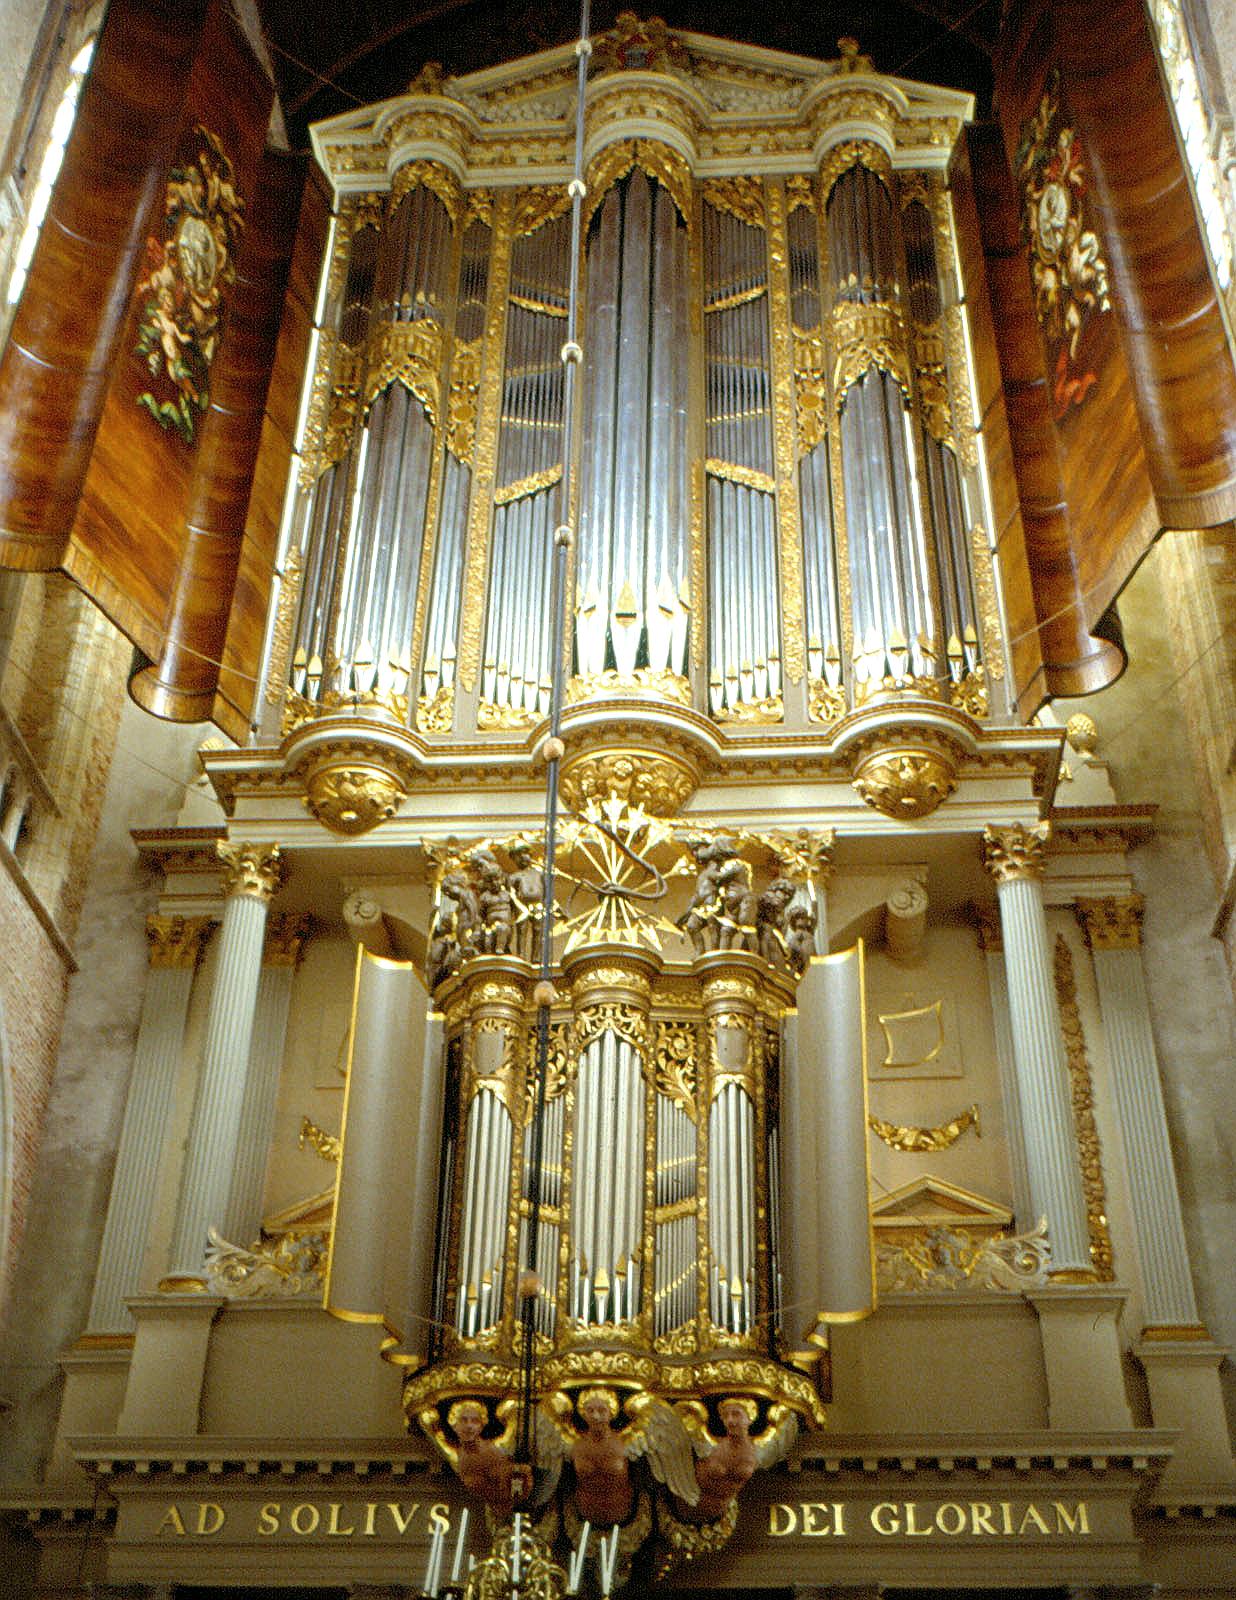 Het Hagerbeer orgel van de Grote Kerk in Alkmaar